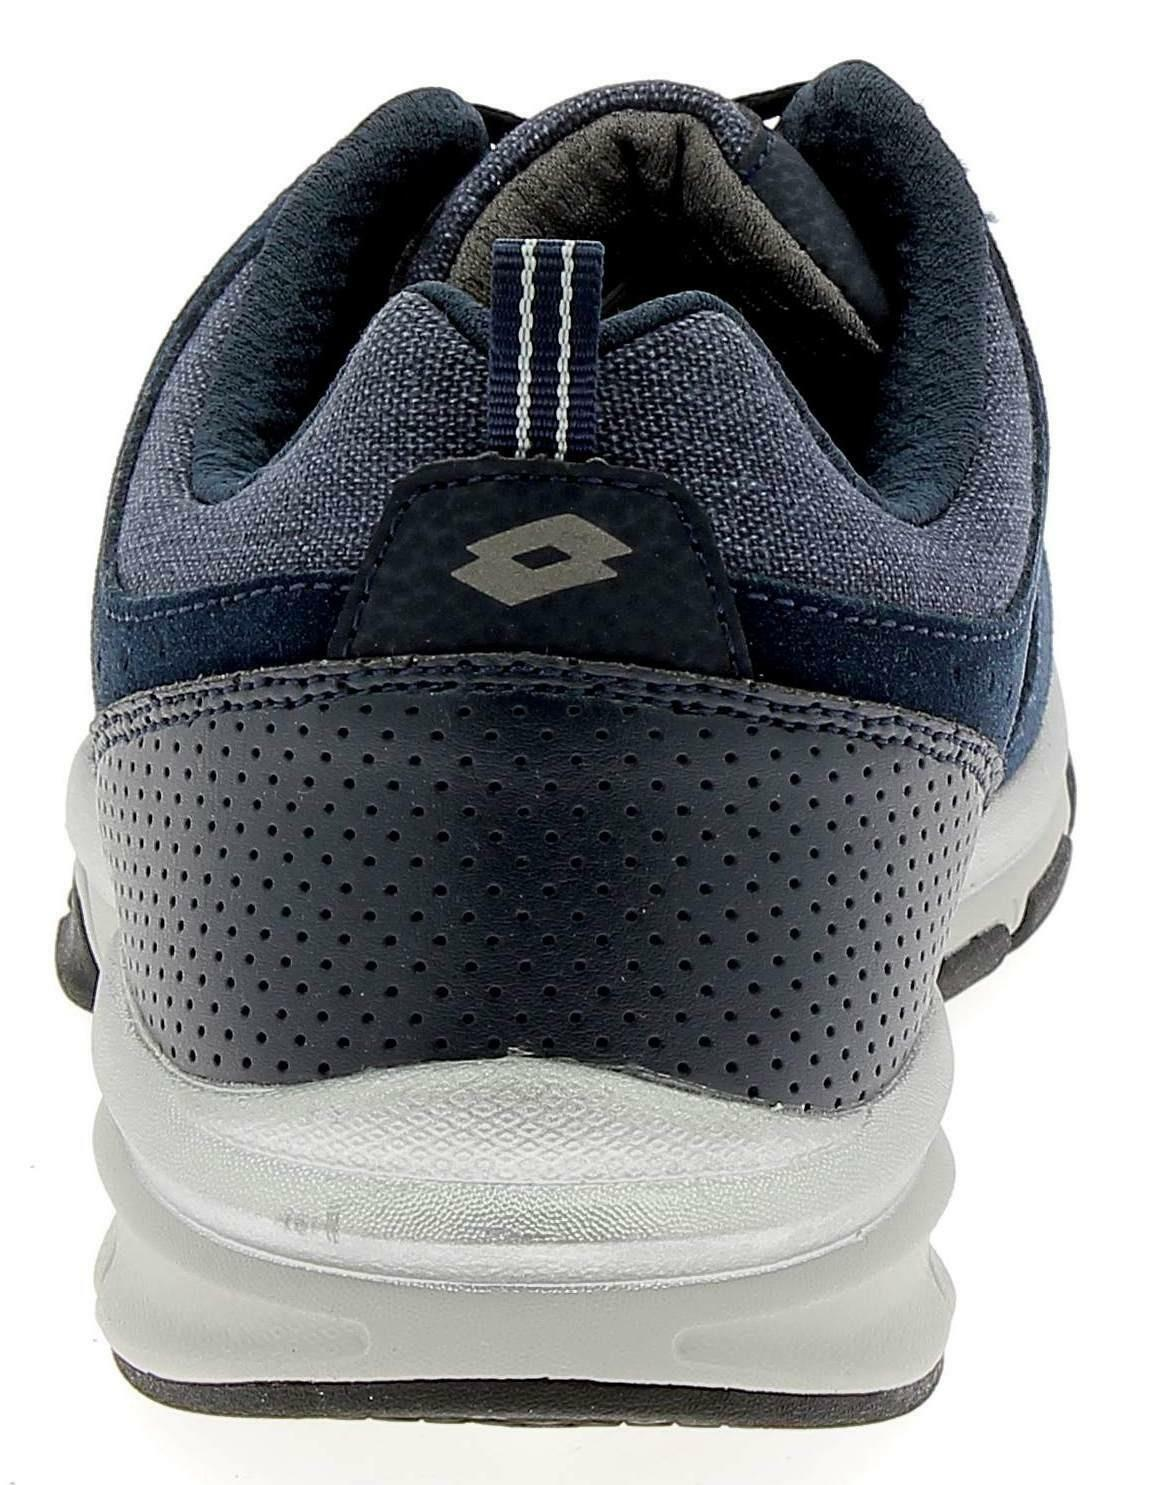 lotto lotto grande iv cvs scarpe sportive uomo blu